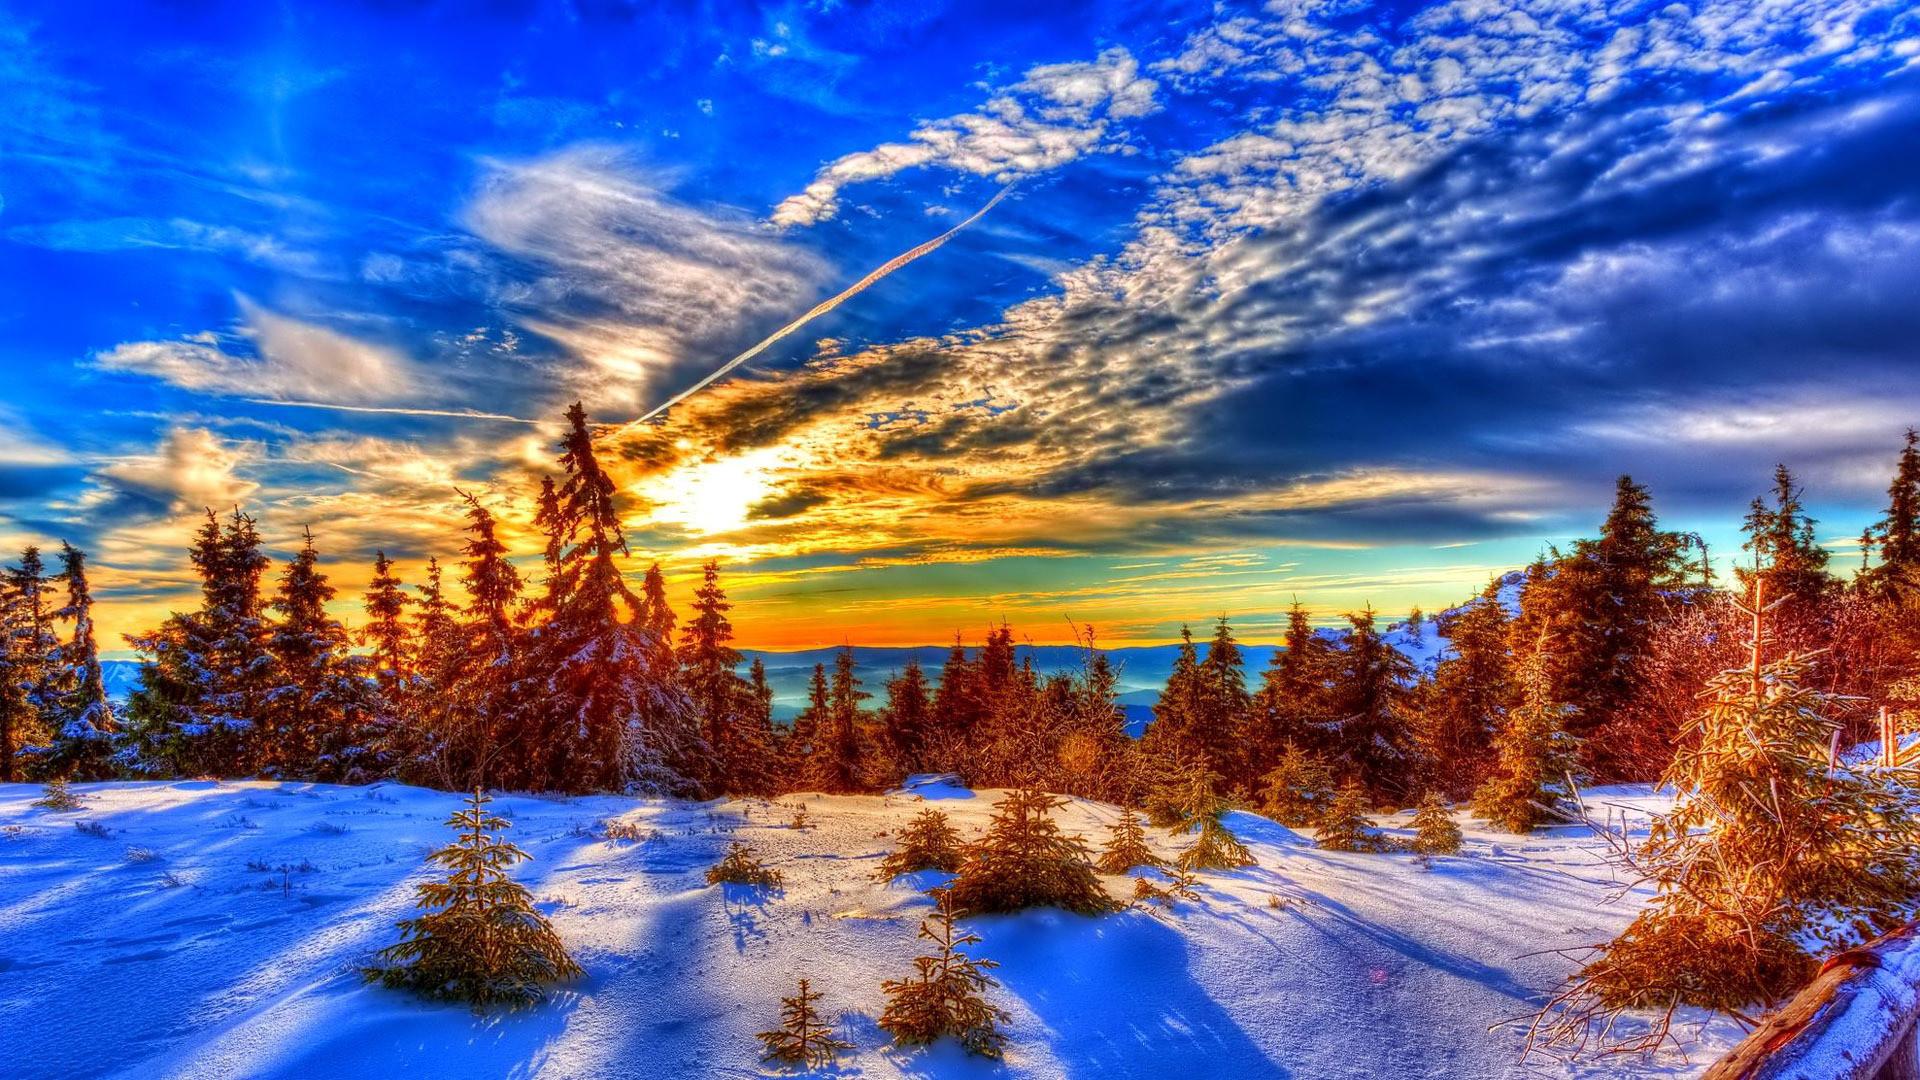 0 Winter Sunset HD Wallpaper Winter Sunset Wallpapers Full HD